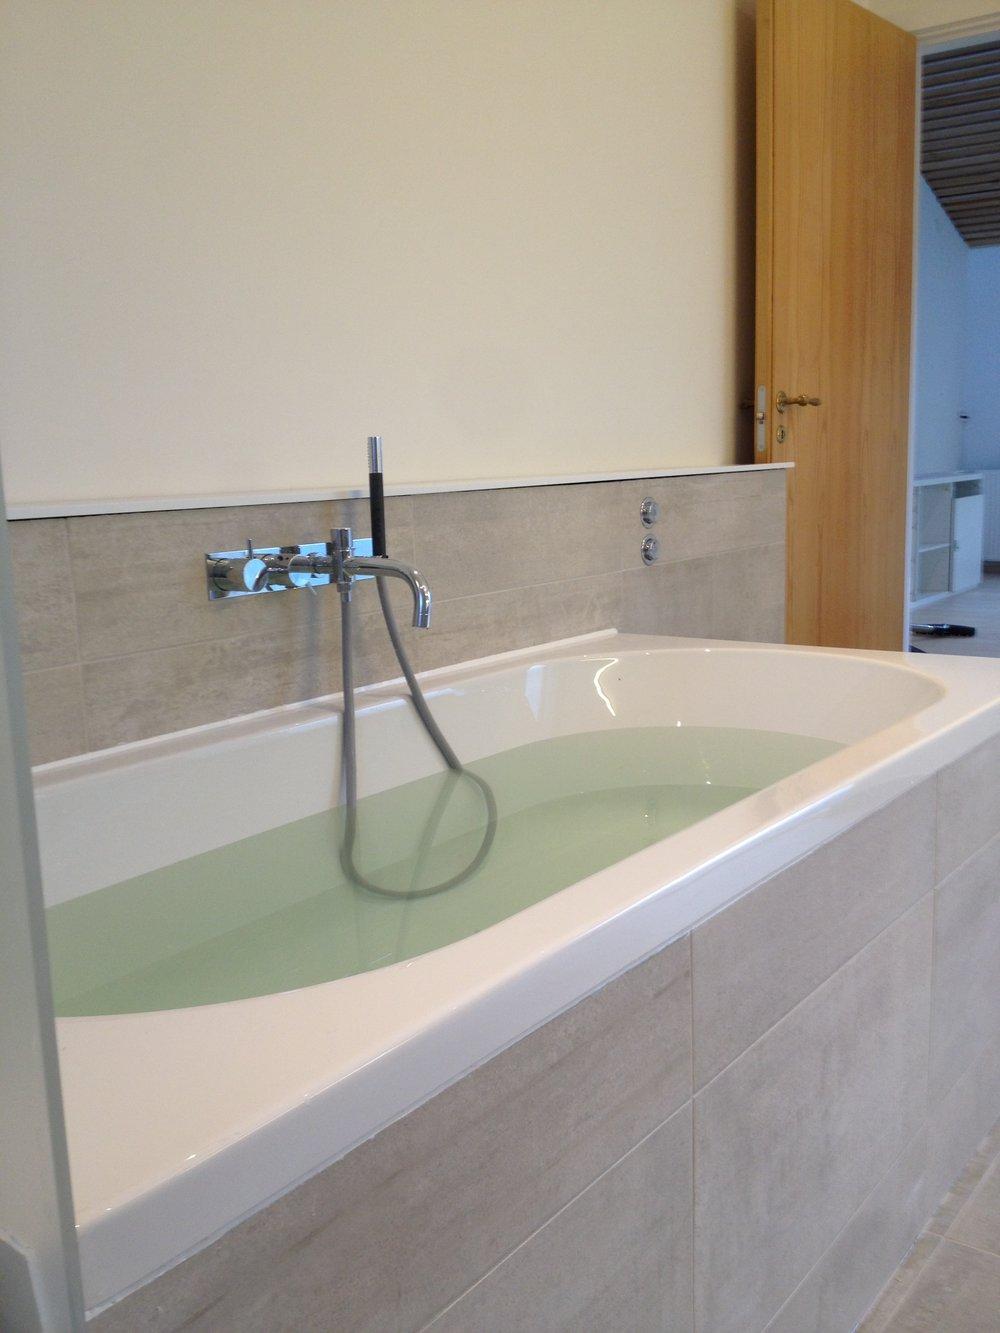 nyt badeværelse bad.jpg